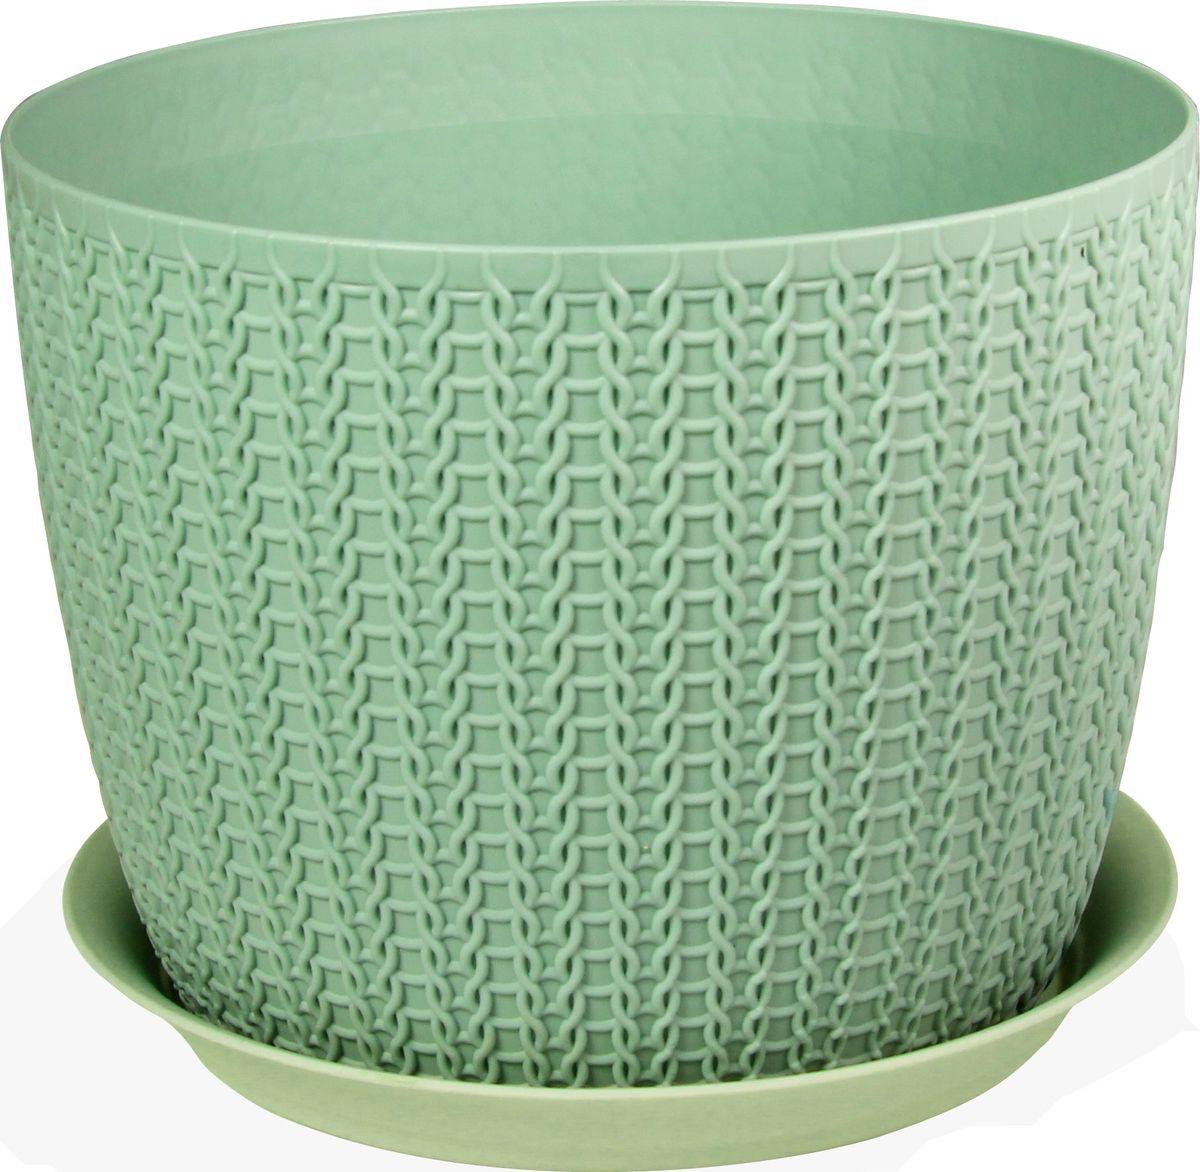 Кашпо Idea Вязание, с поддоном, цвет: фисташковый, диаметр 15,5 см кашпо для растений umbra кашпо для растений